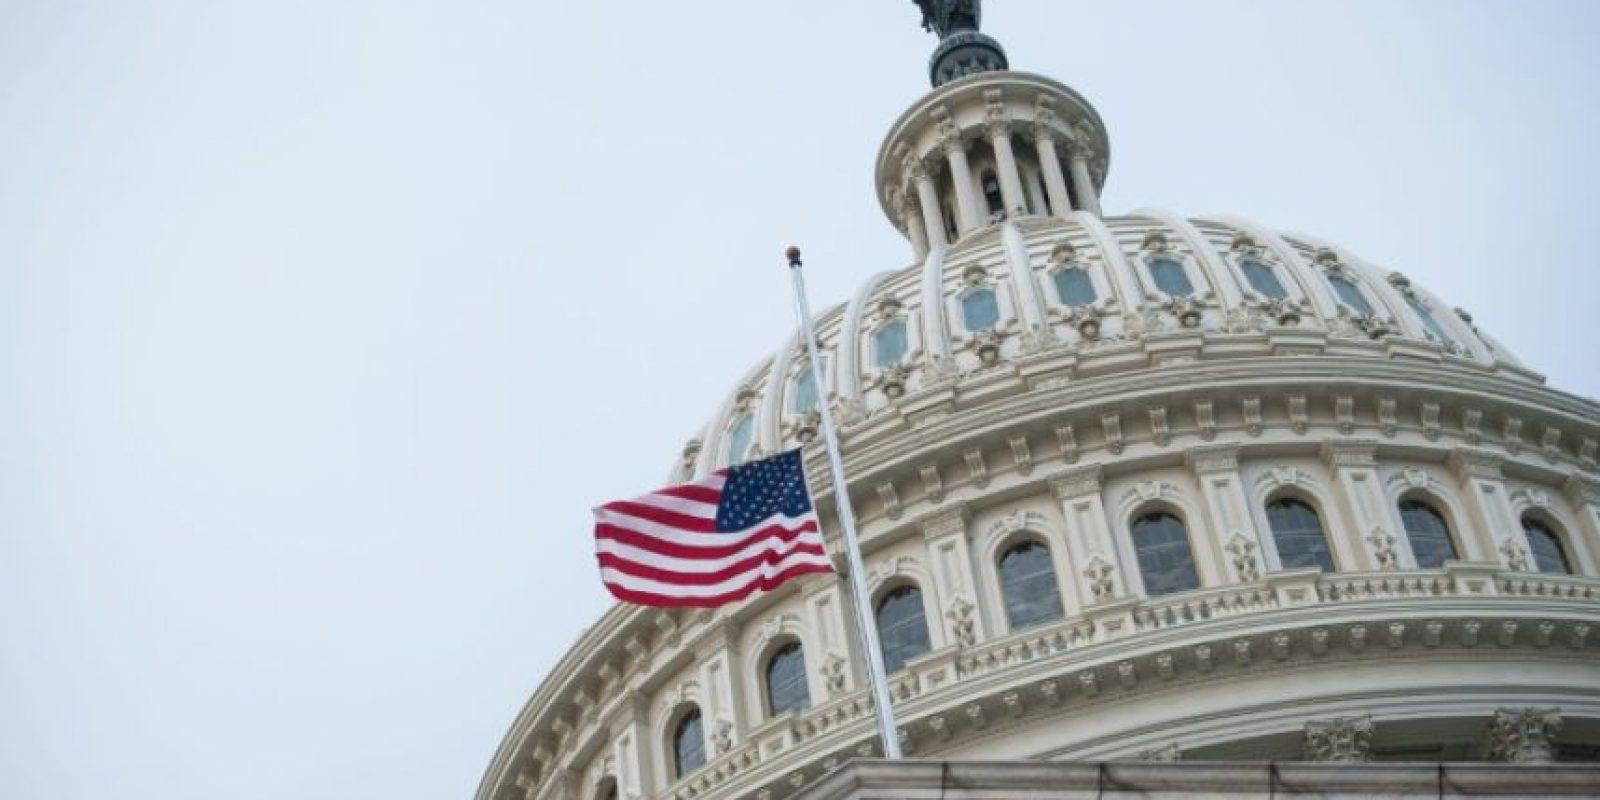 La bandera de EEUU ondea a media asta frente a la cúpula del Capitolio, sede del Congreso, este miércoles 7 de diciembre en Washington Foto:Nicholas Kamm/afp.com